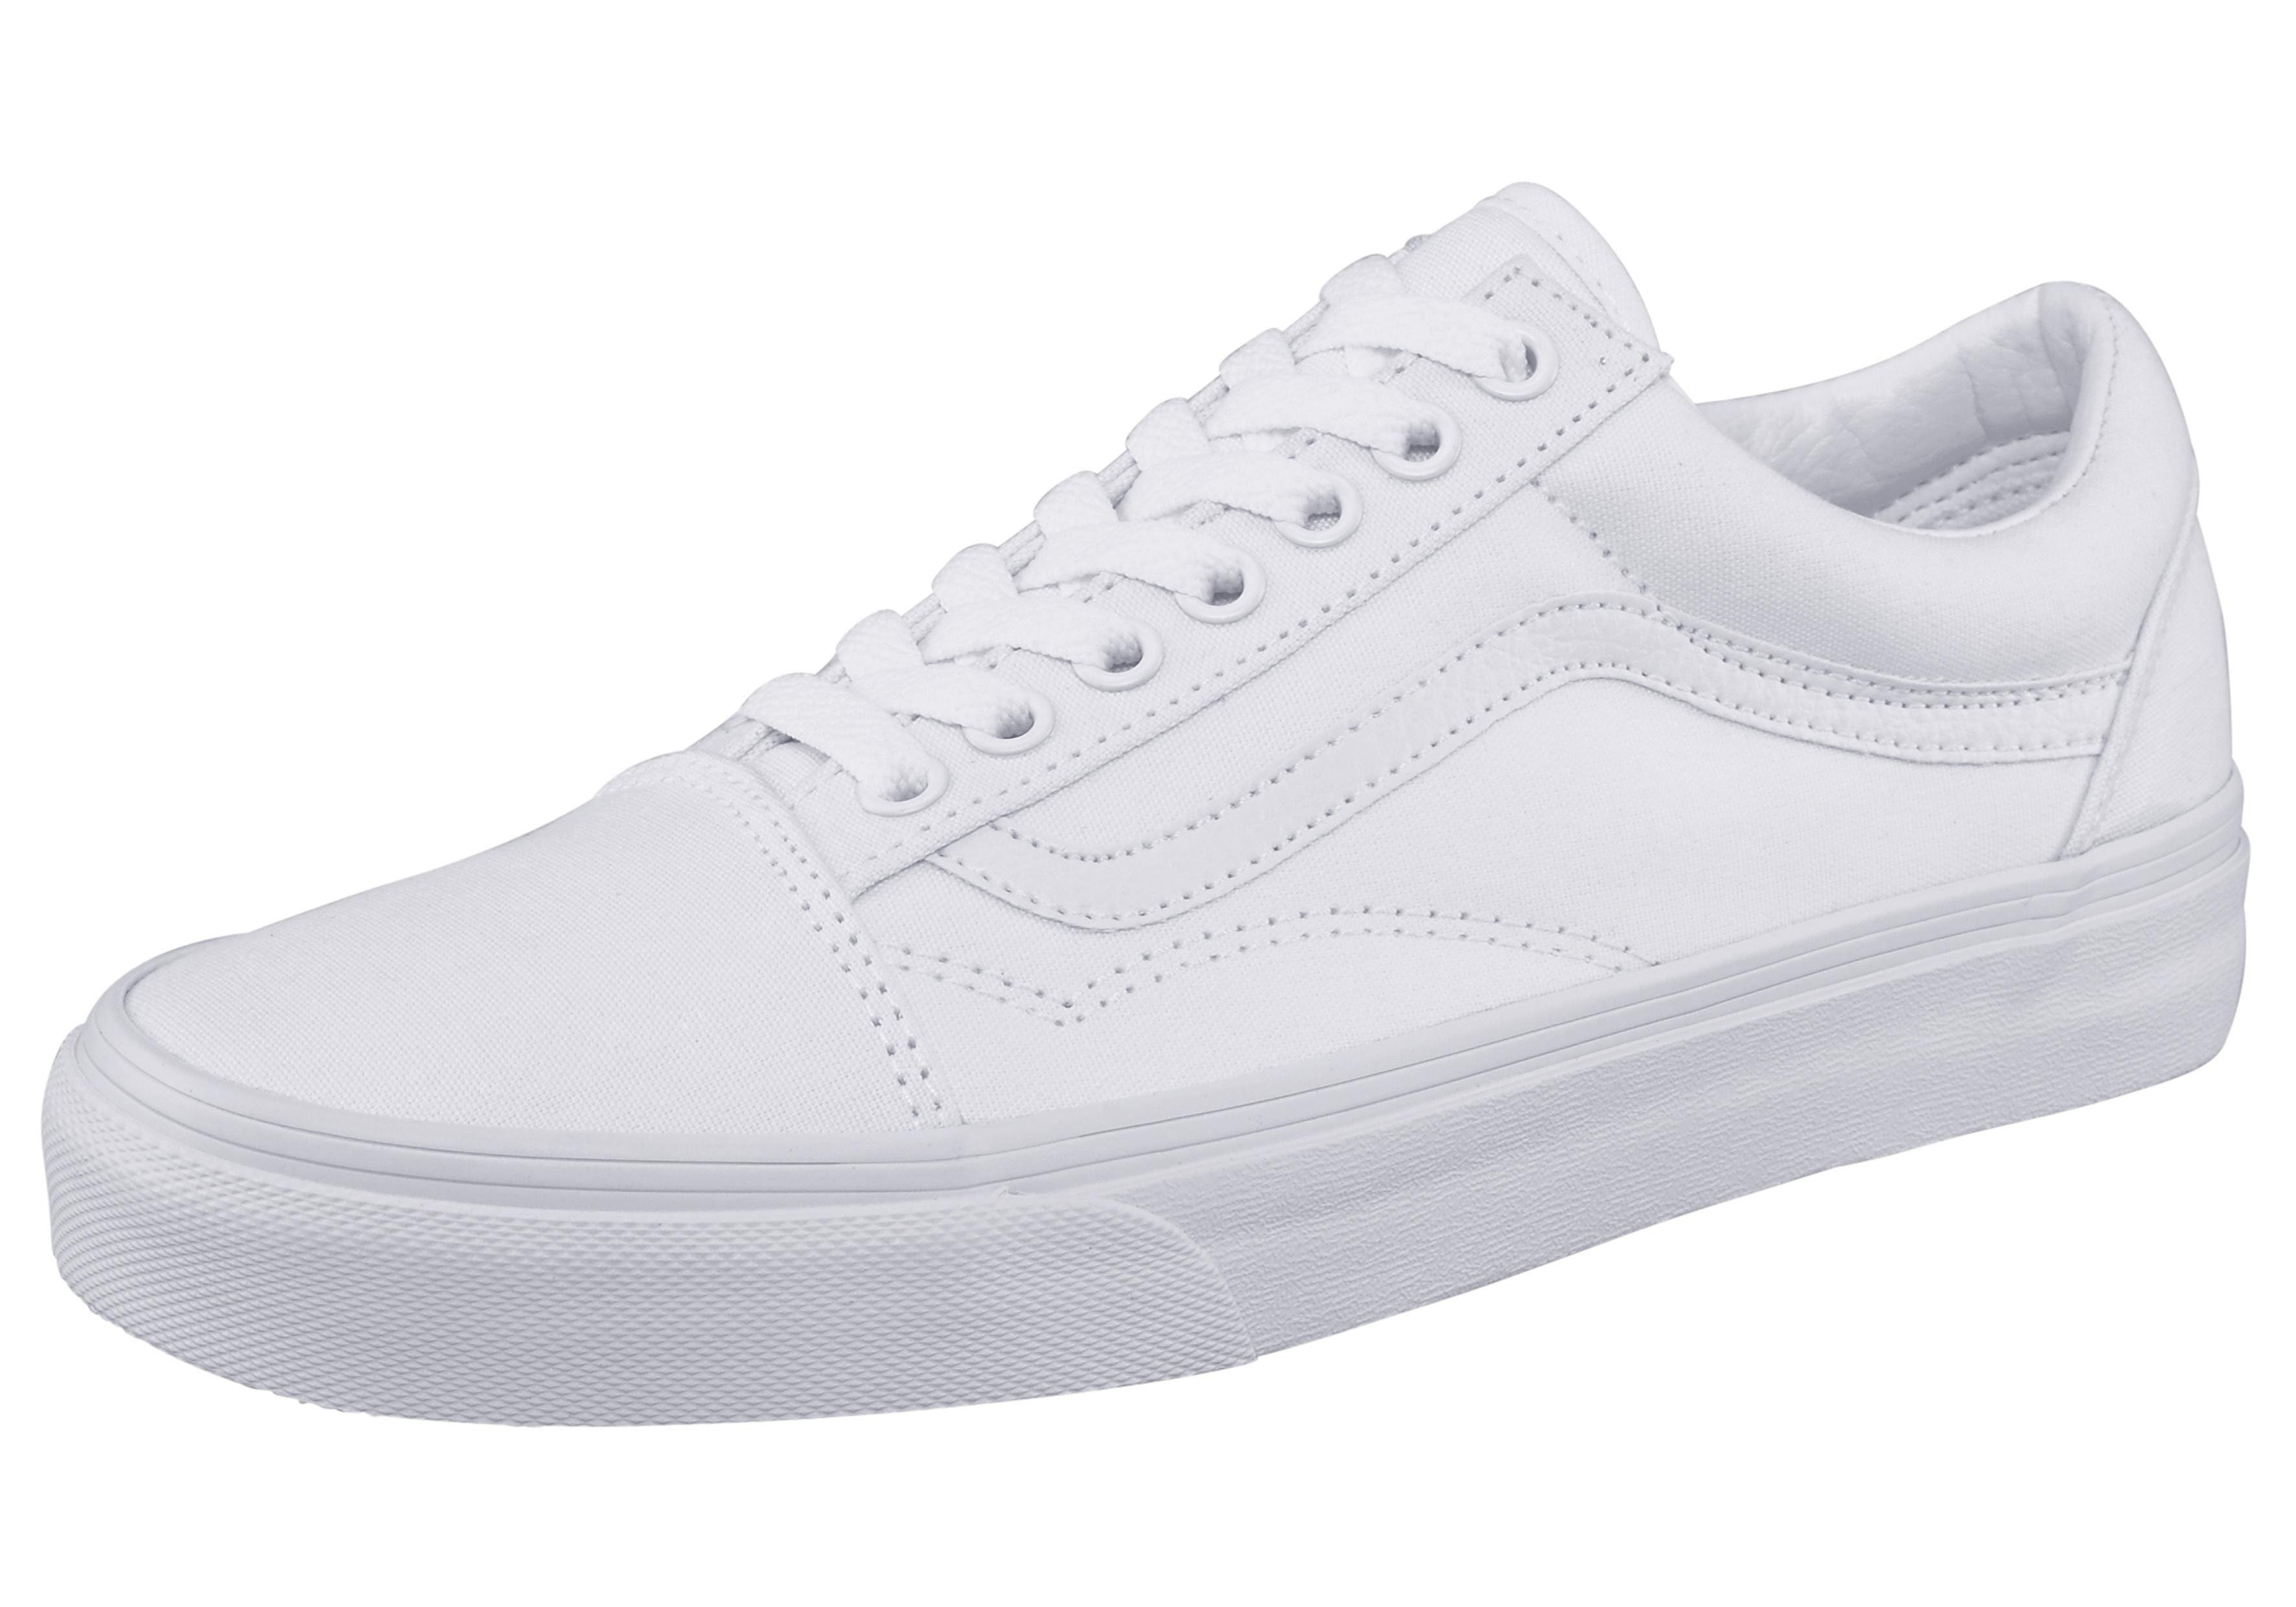 Vans »OLD SKOOL« Sneaker online kaufen | OTTO